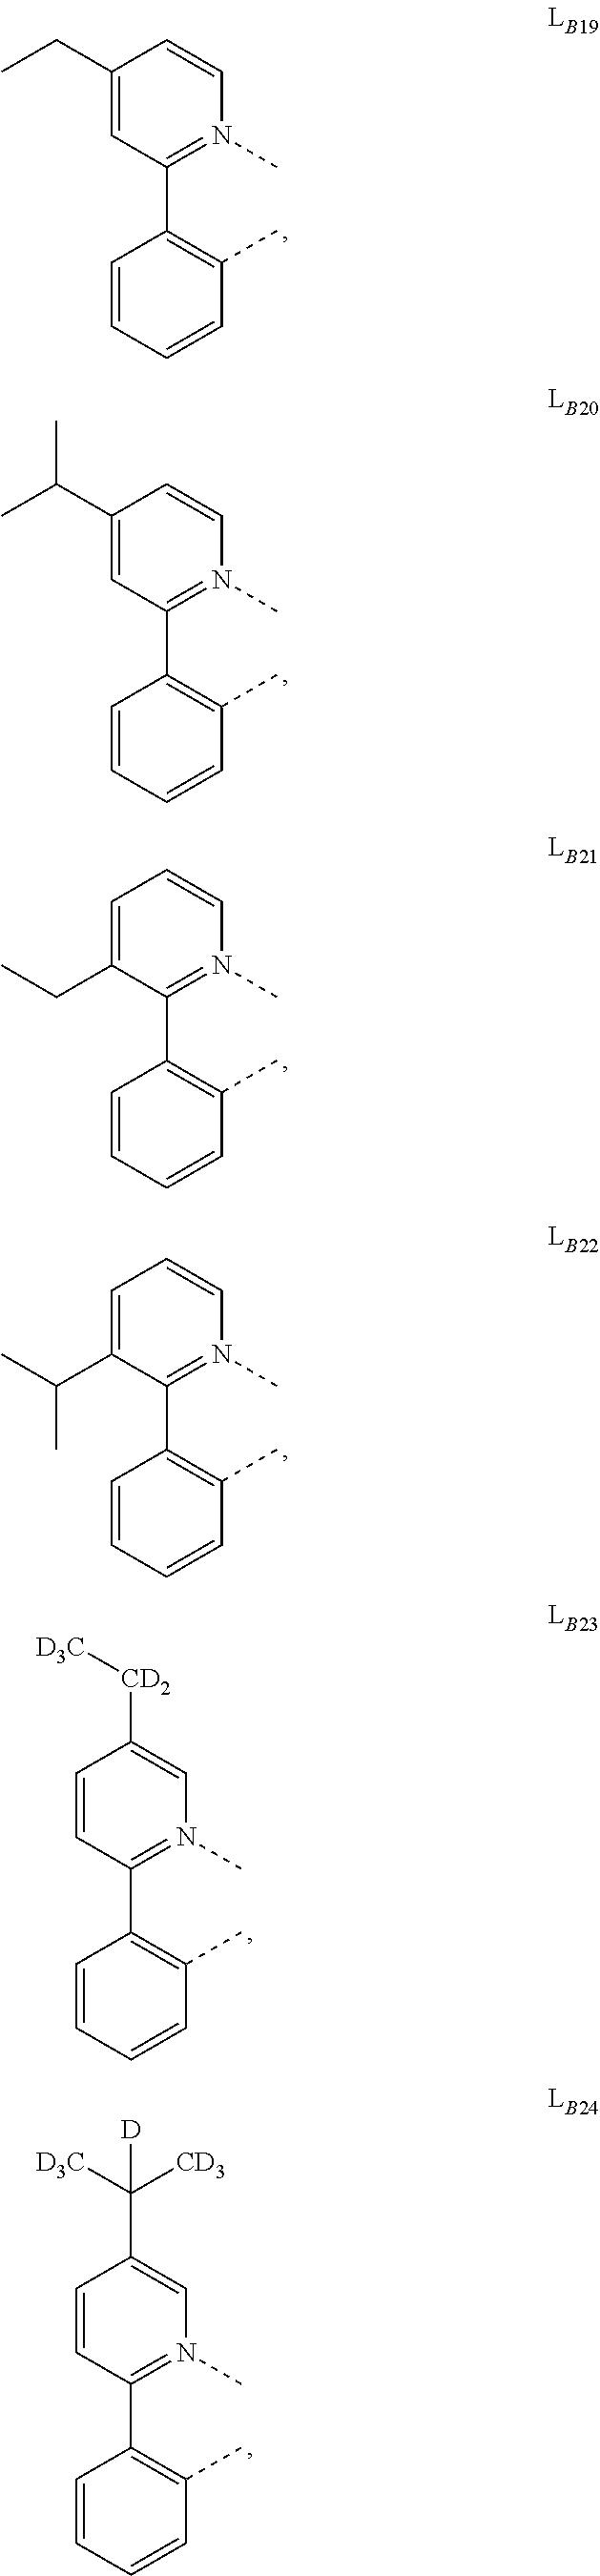 Figure US10003034-20180619-C00018